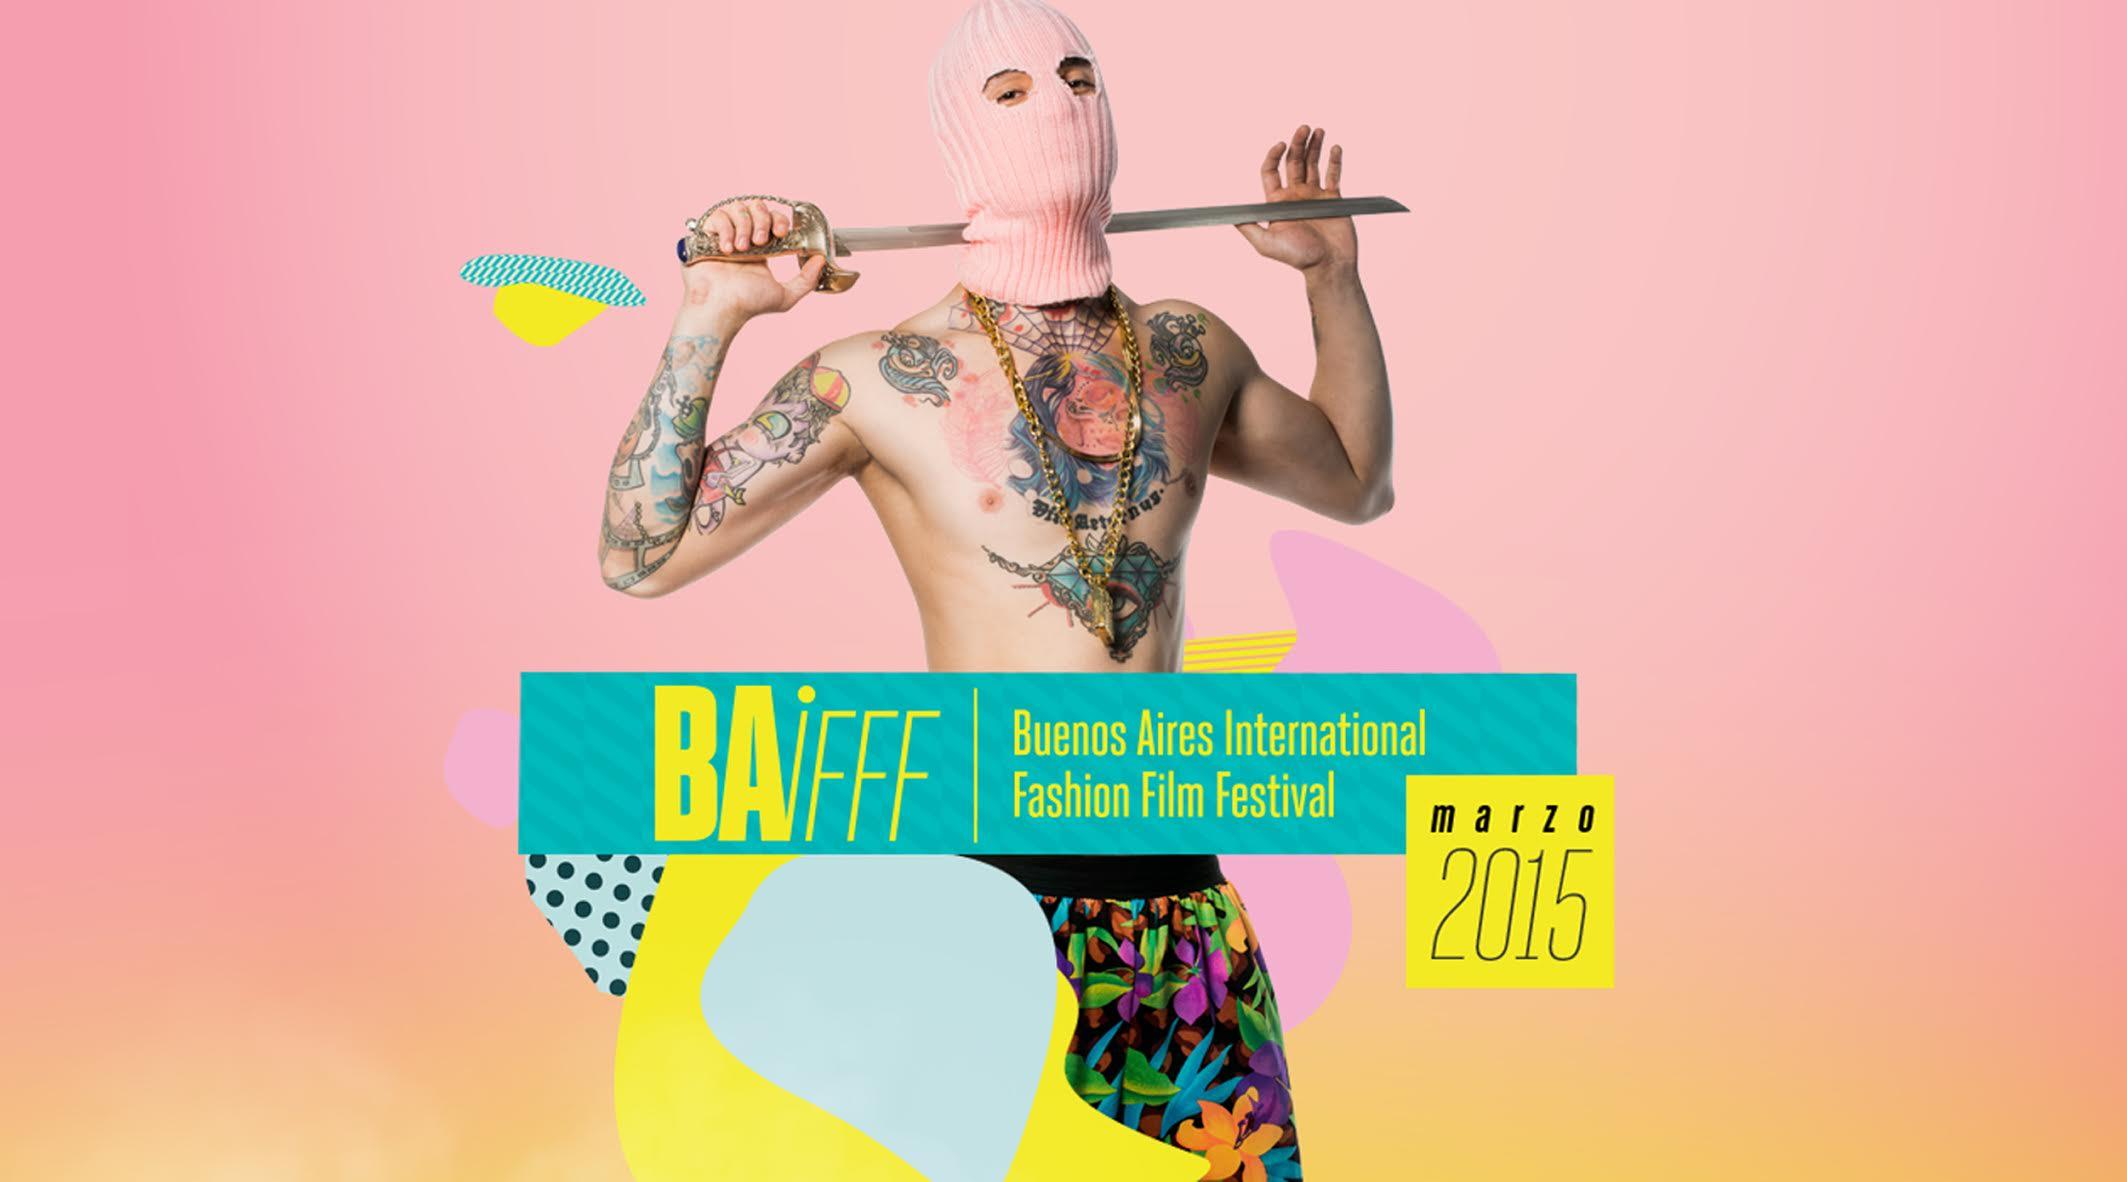 #News Convocatoria Buenos Aires International Fashion Film Festival